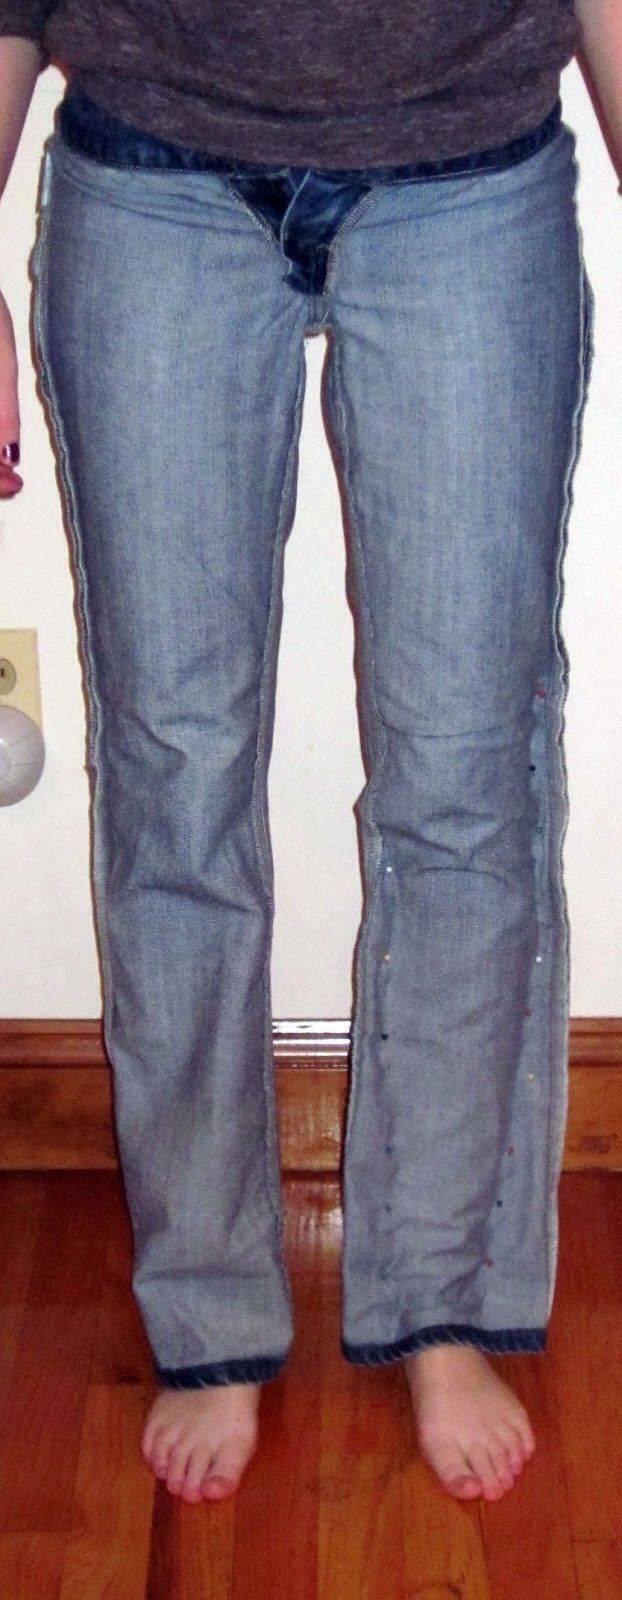 купила сыну брюки большие как ушить фото требованиях